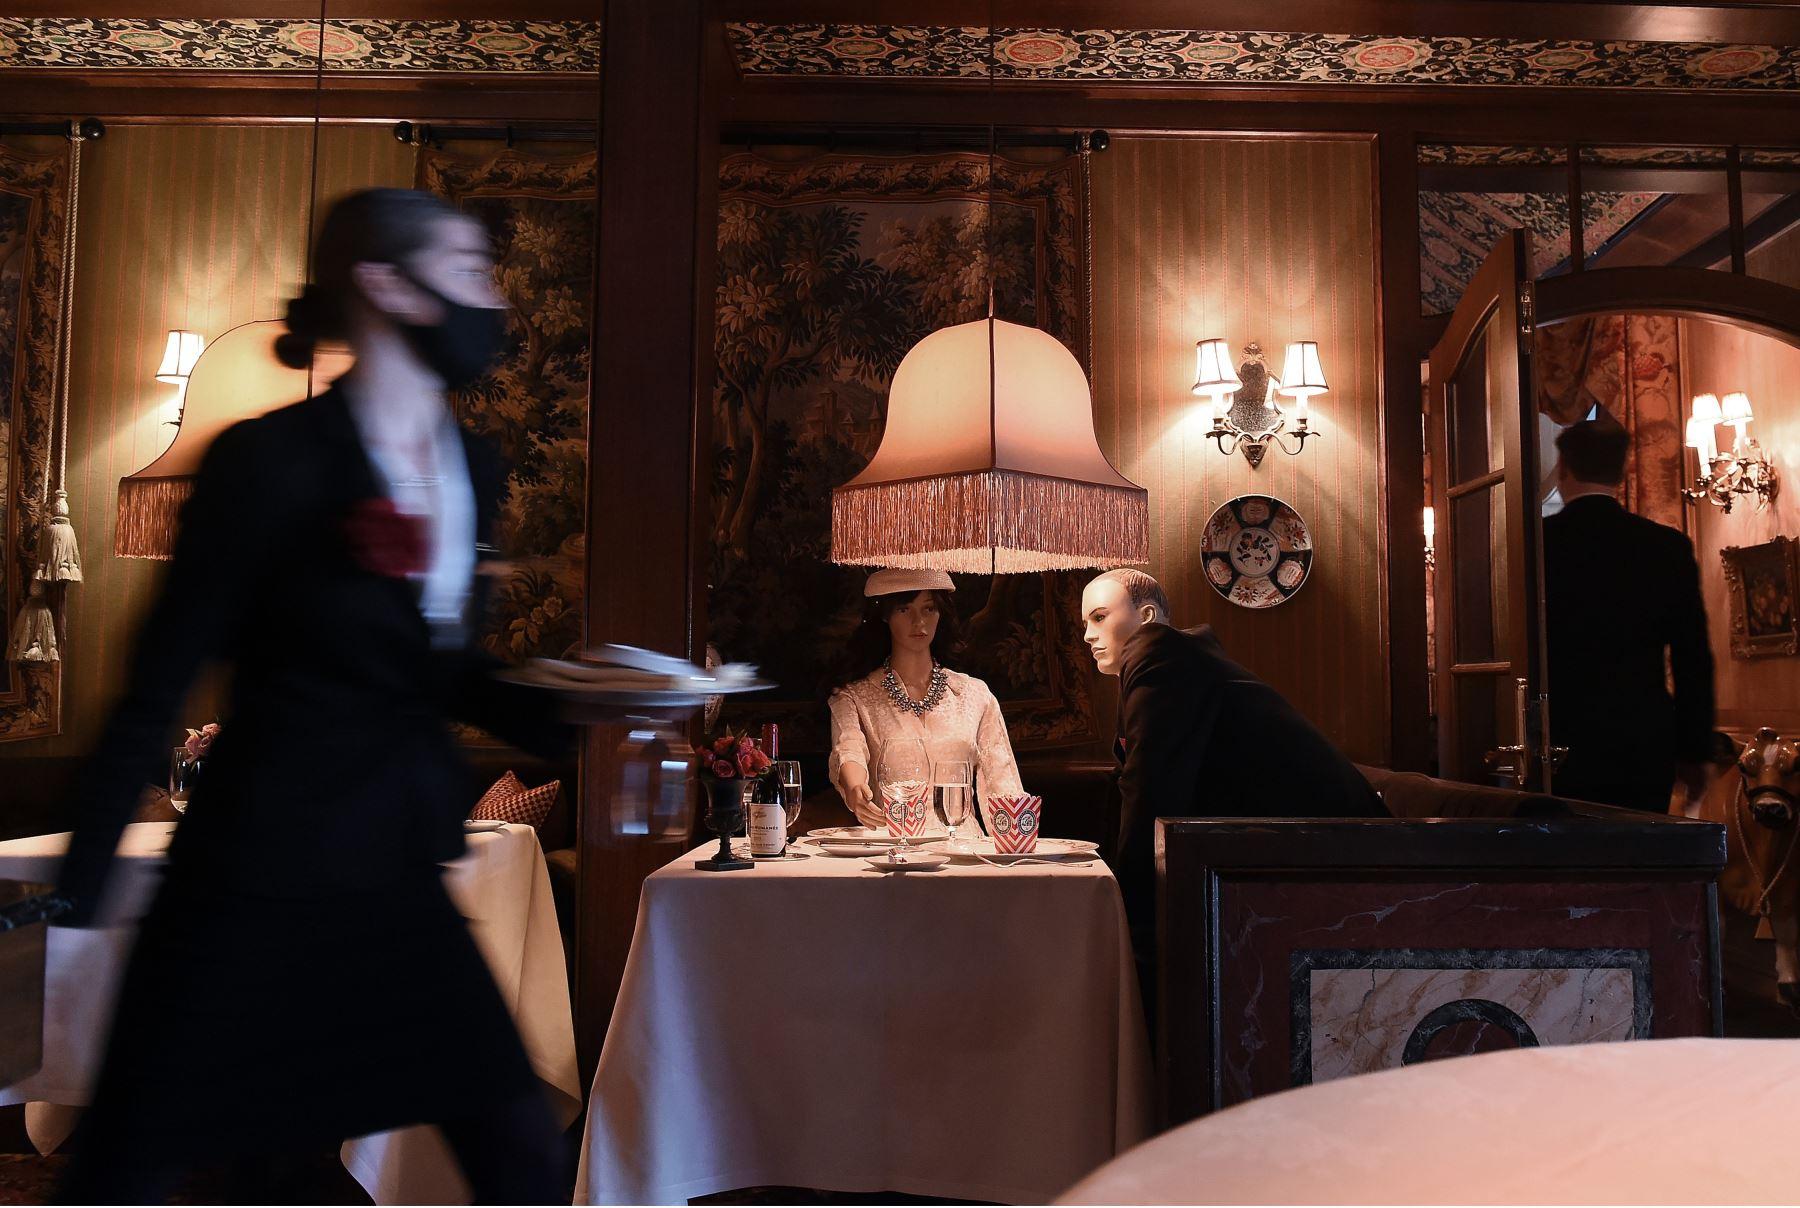 Una camarera usa una máscara facial cuando pasa delante de los maniquíes que pueblan el comedor de The Inn at Little Washington, uno de los restaurantes más reconocidos del país. Foto: AFP